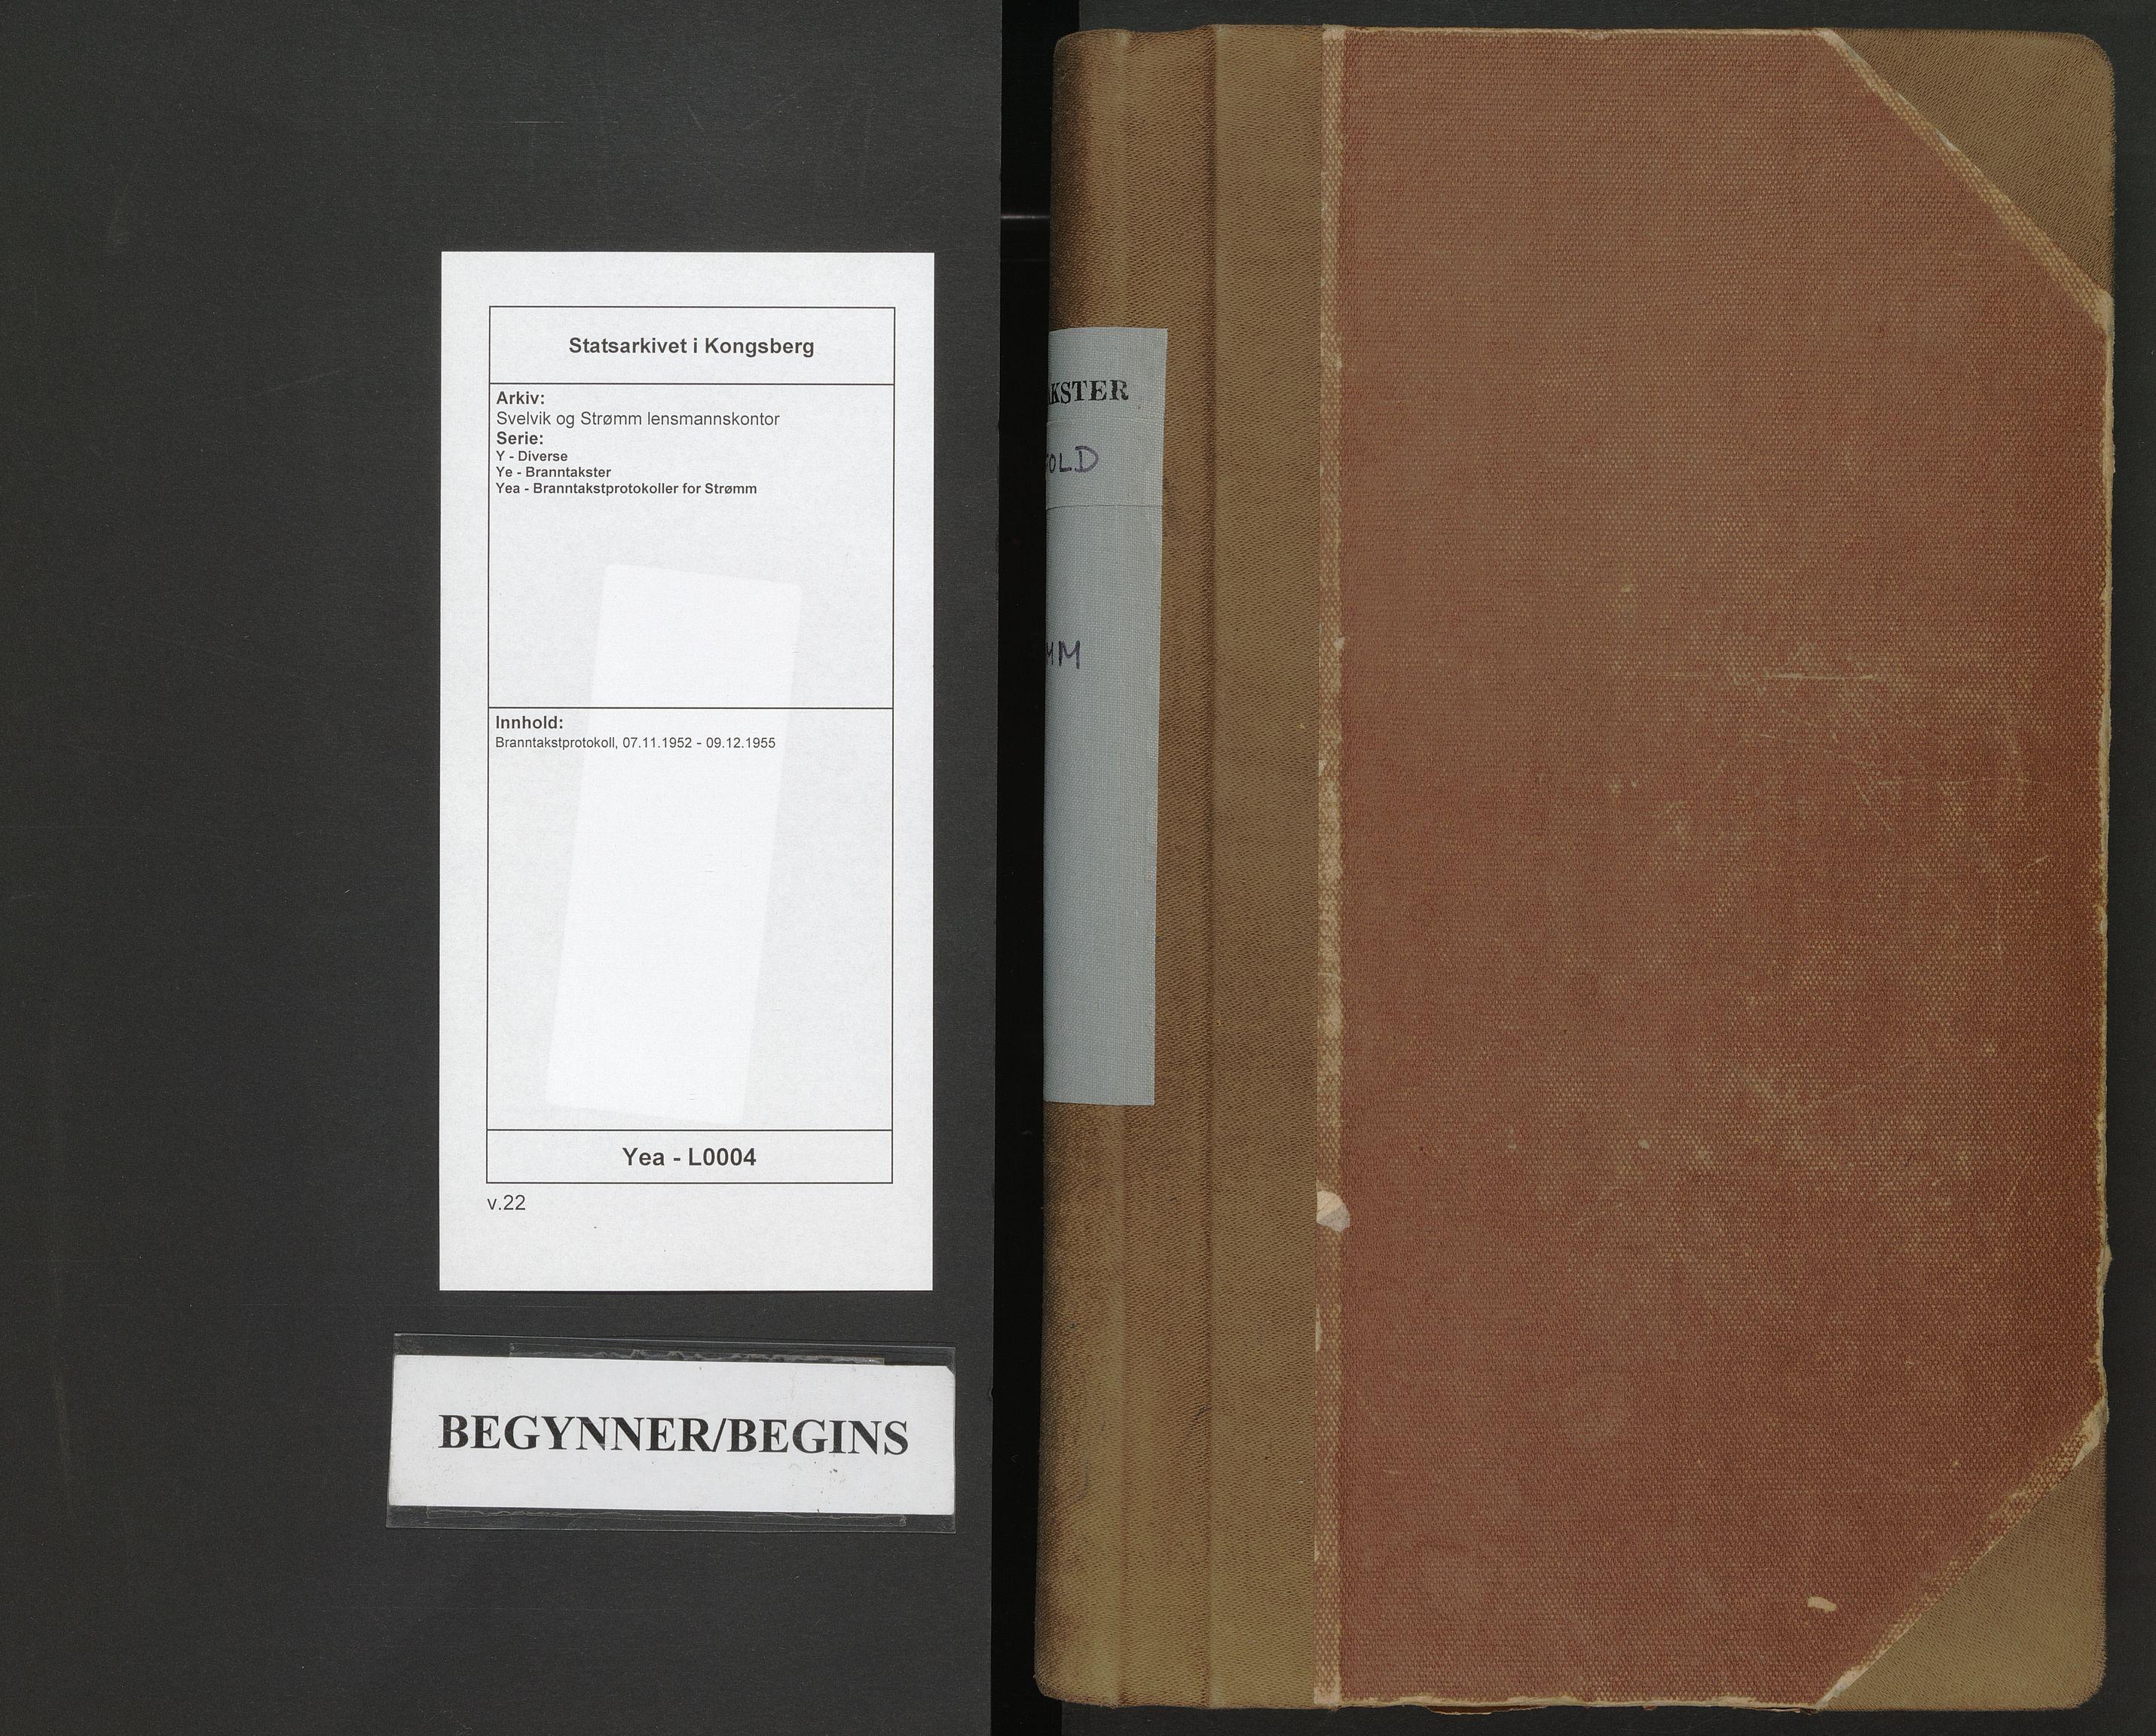 SAKO, Svelvik og Strømm lensmannskontor, Y/Ye/Yea/L0004: Branntakstprotokoll, 1952-1955